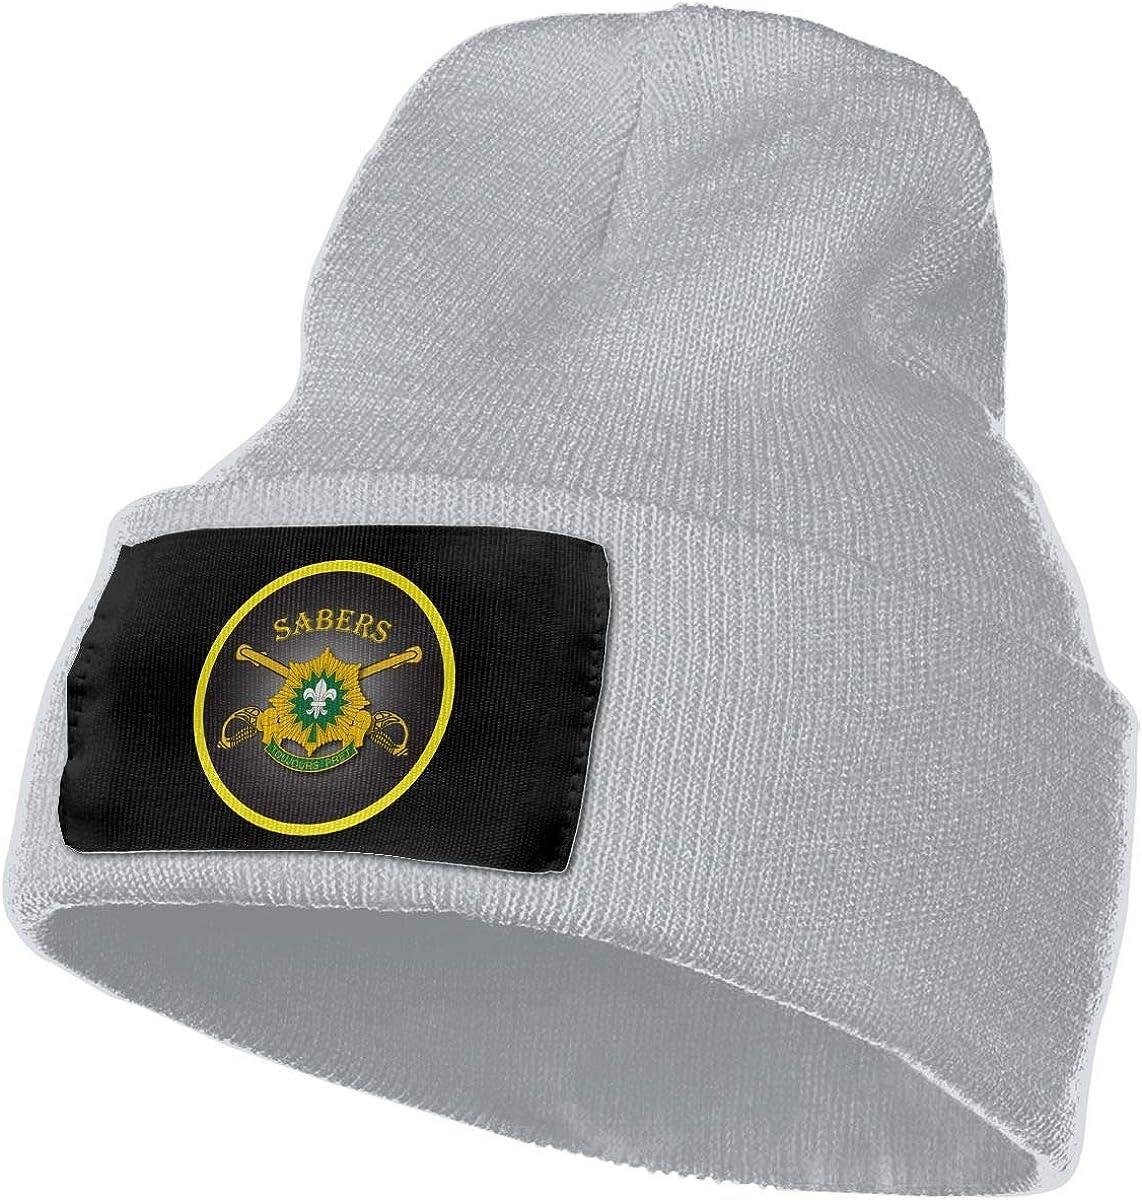 Hdadwy 4to escuadrón 2do Regimiento de caballería para Hombre y para Mujer Gorro de Punto Gorro de Calavera Gorro de Invierno cálido y Suave Gorro de esquí